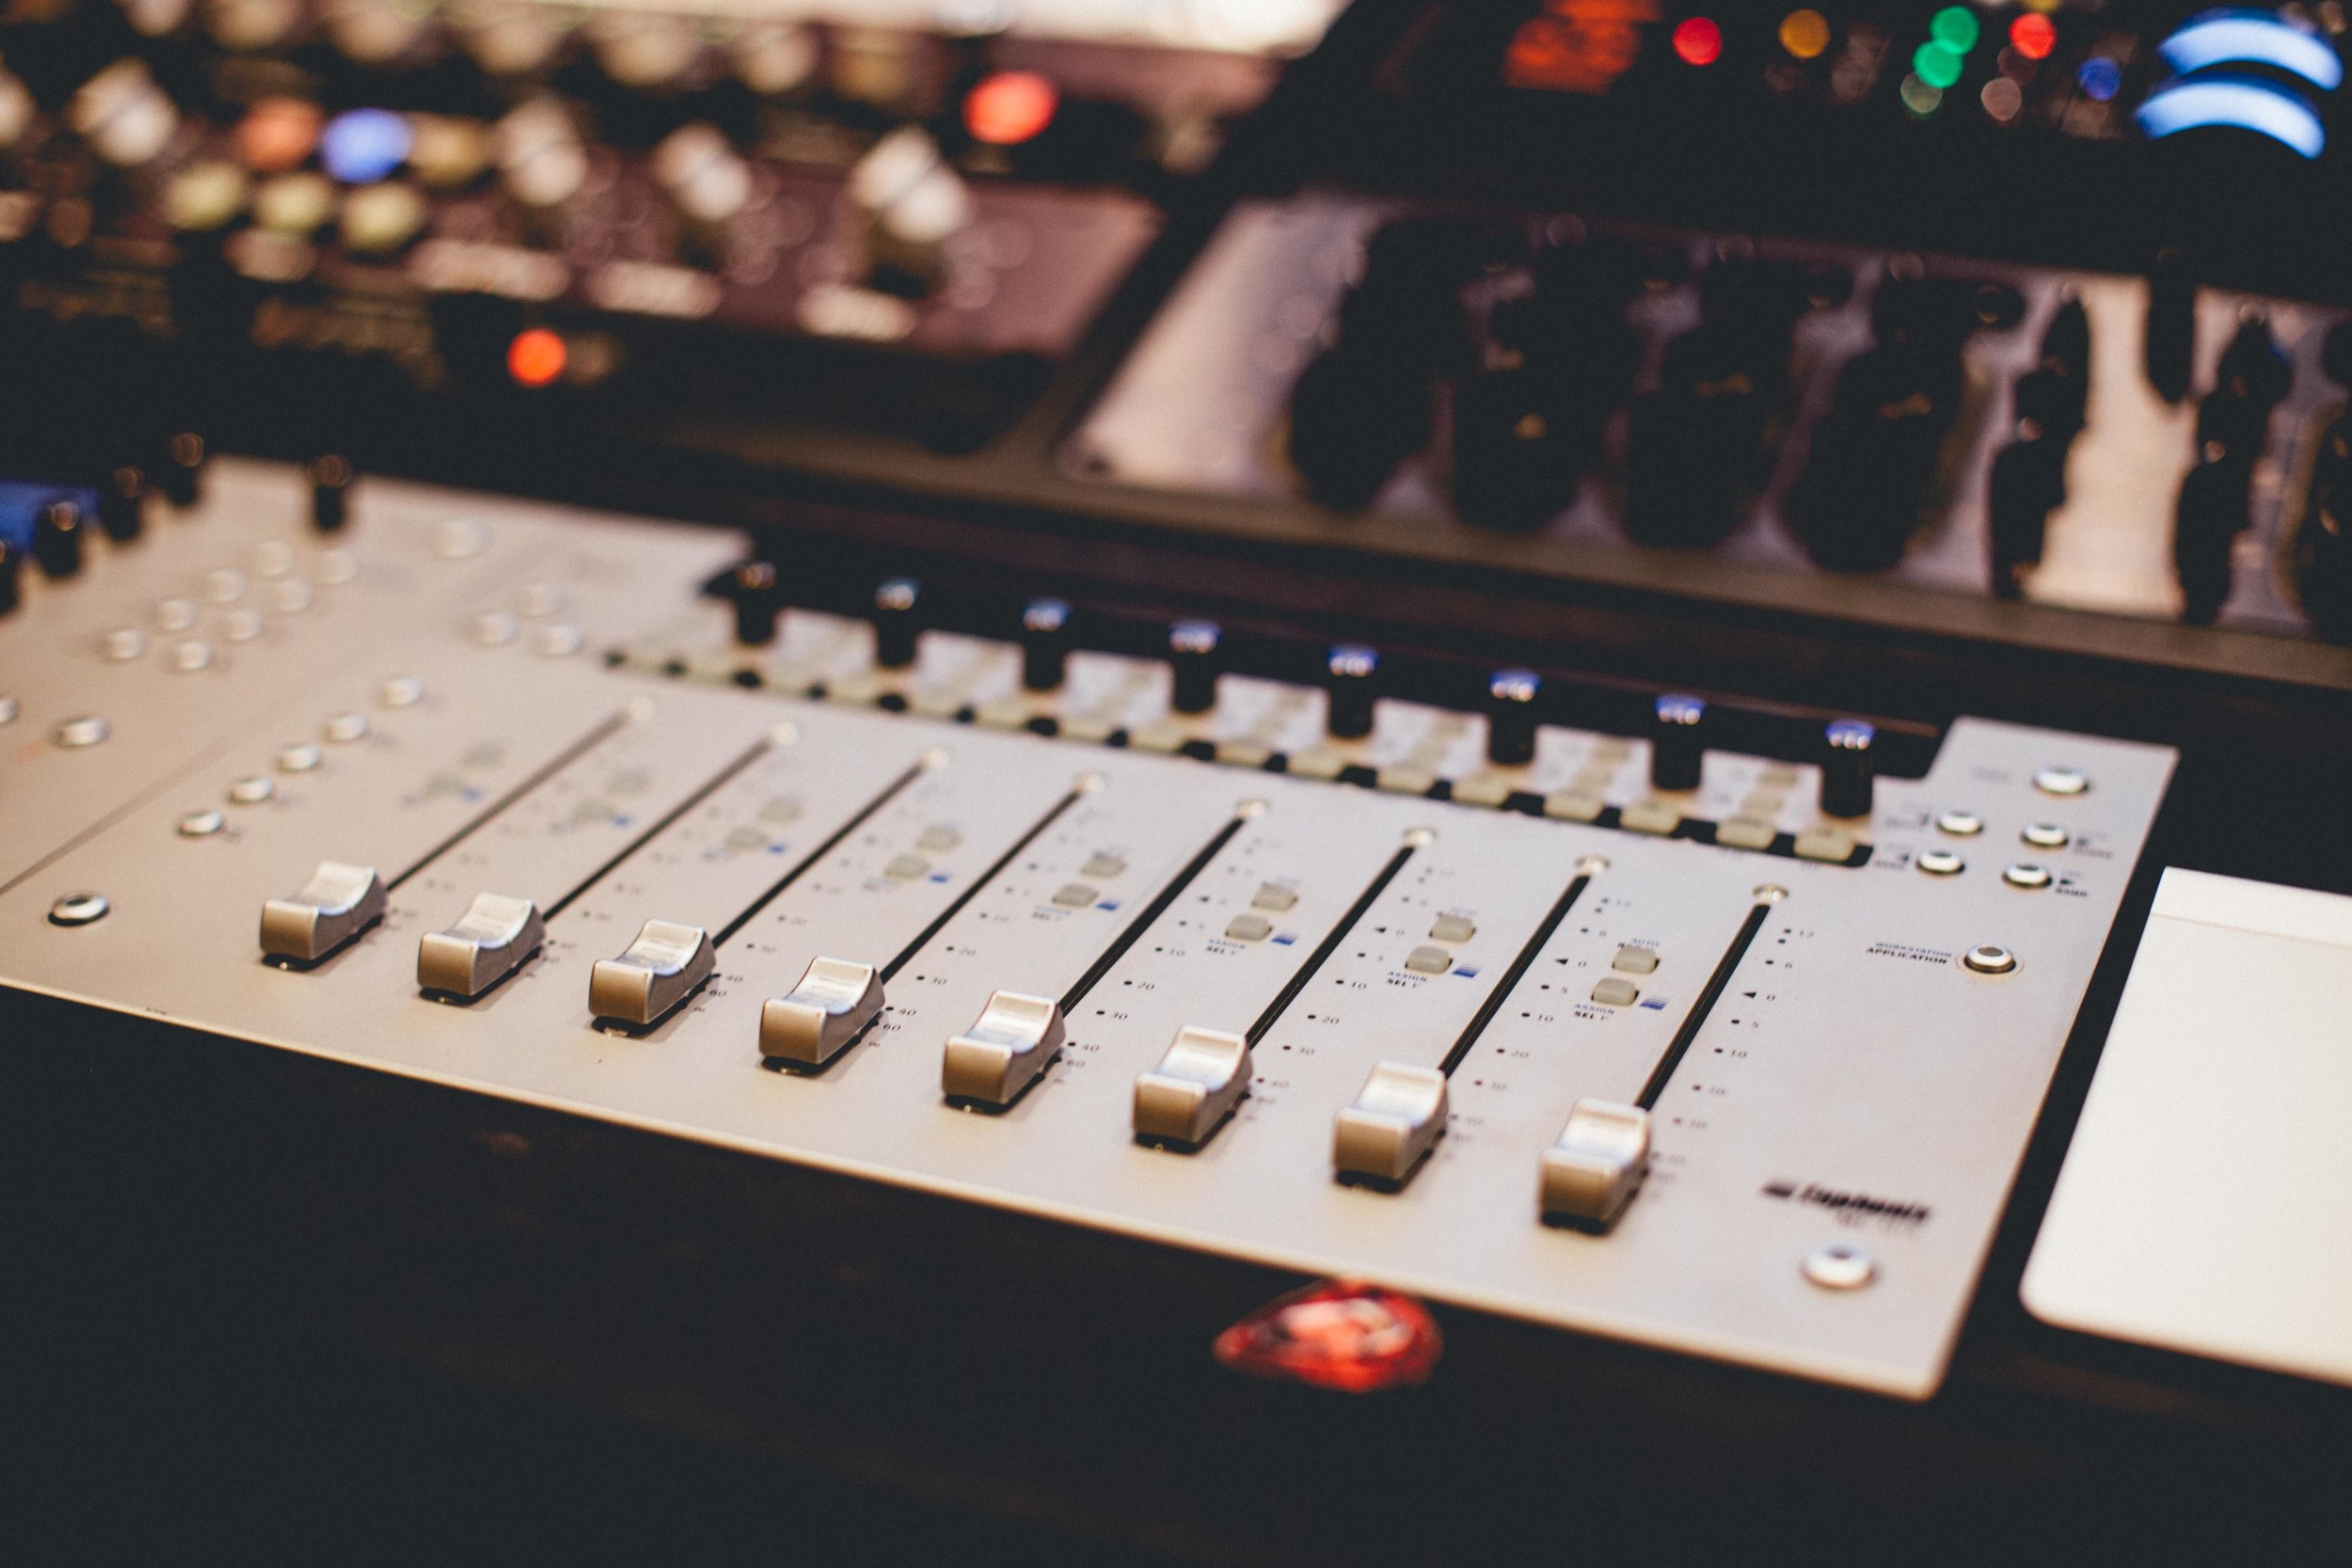 recording equip